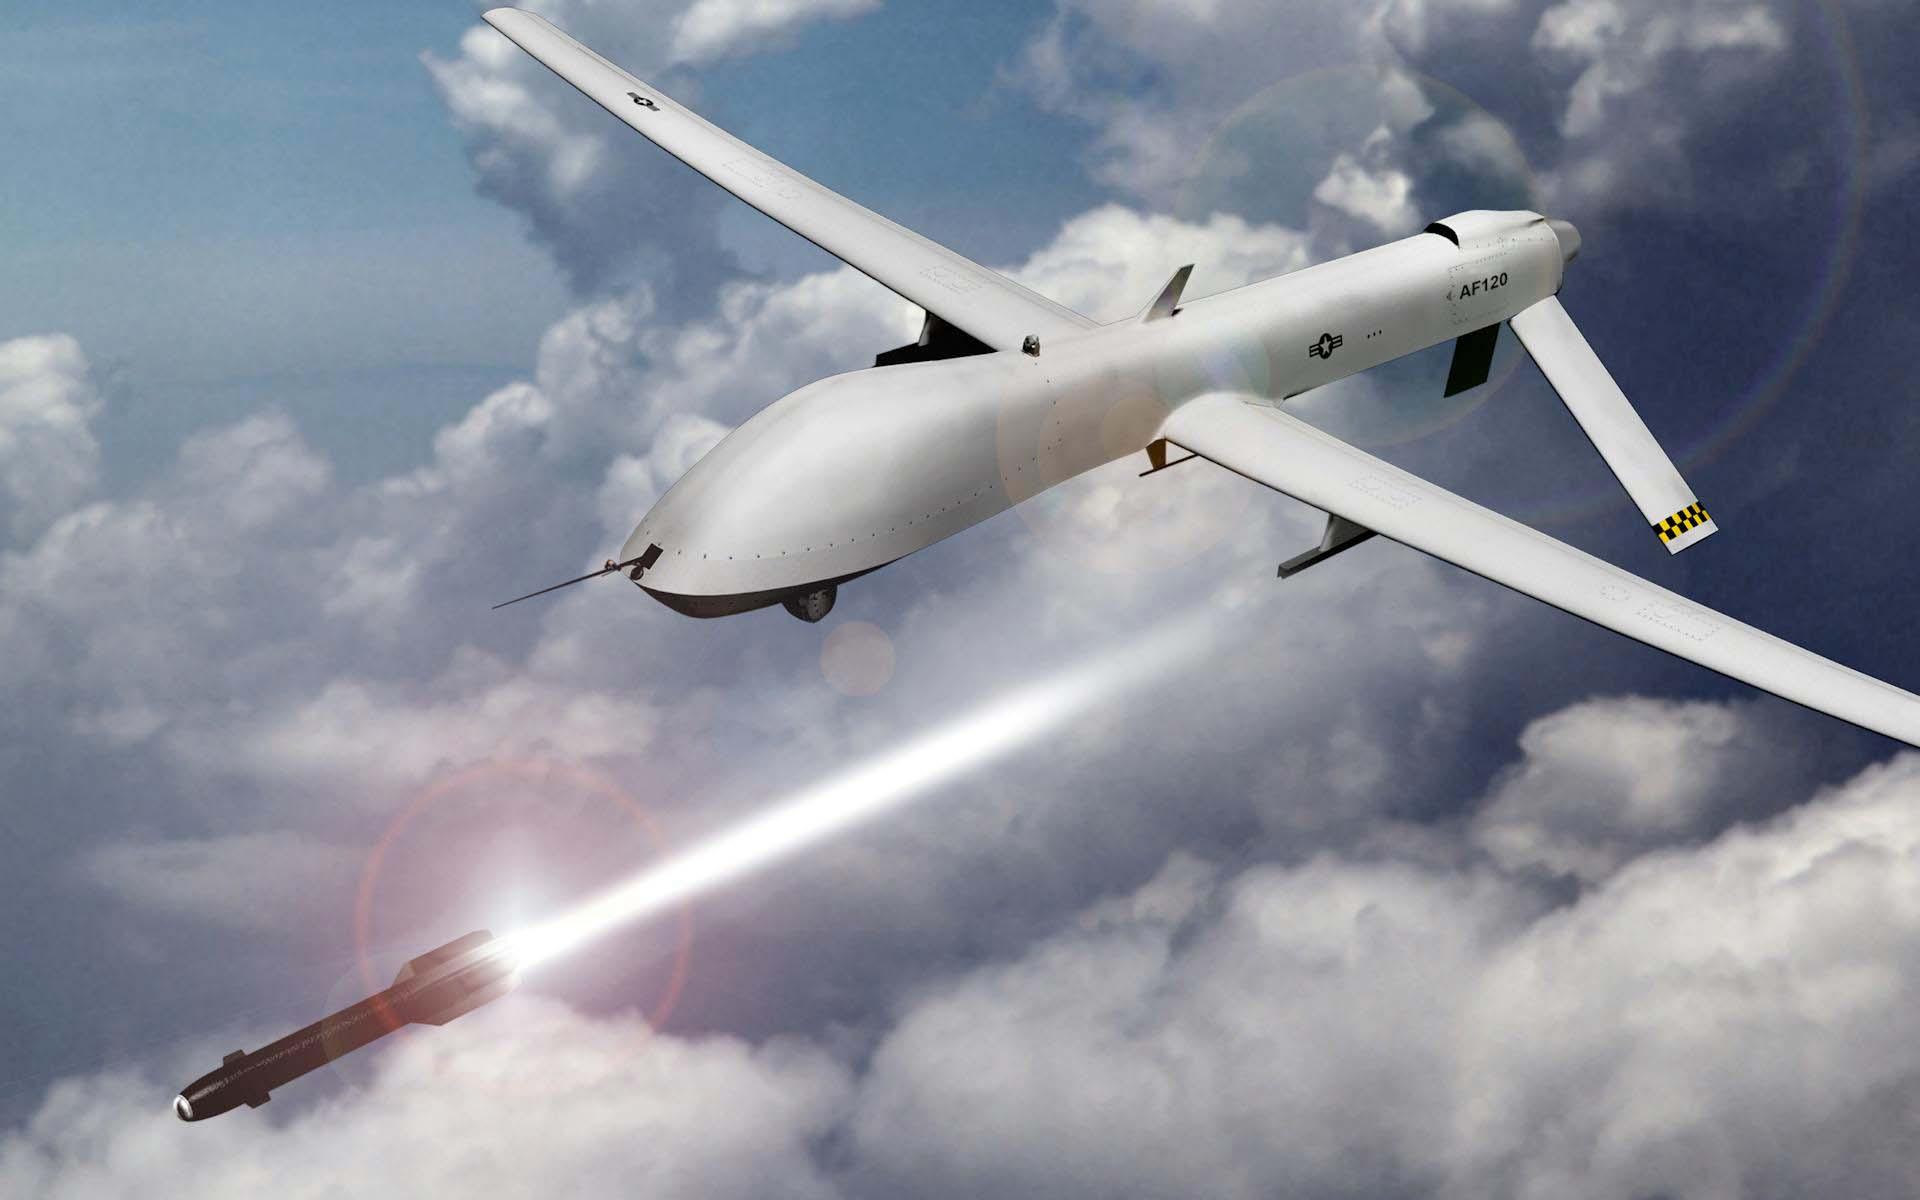 মার্কিন ড্রোন হামলায় আফগানিস্তানে আবারো ১২ ব্যক্তি নিহত